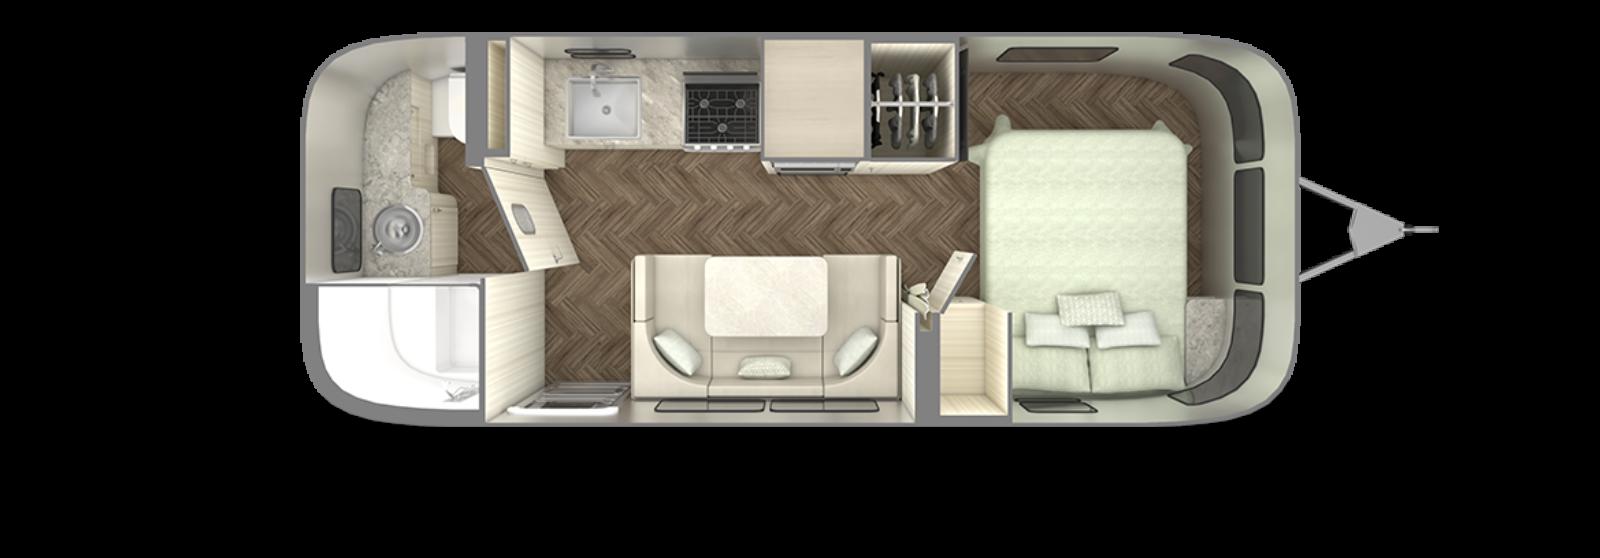 2021-International-23FB-Floor-Plan-Seashell